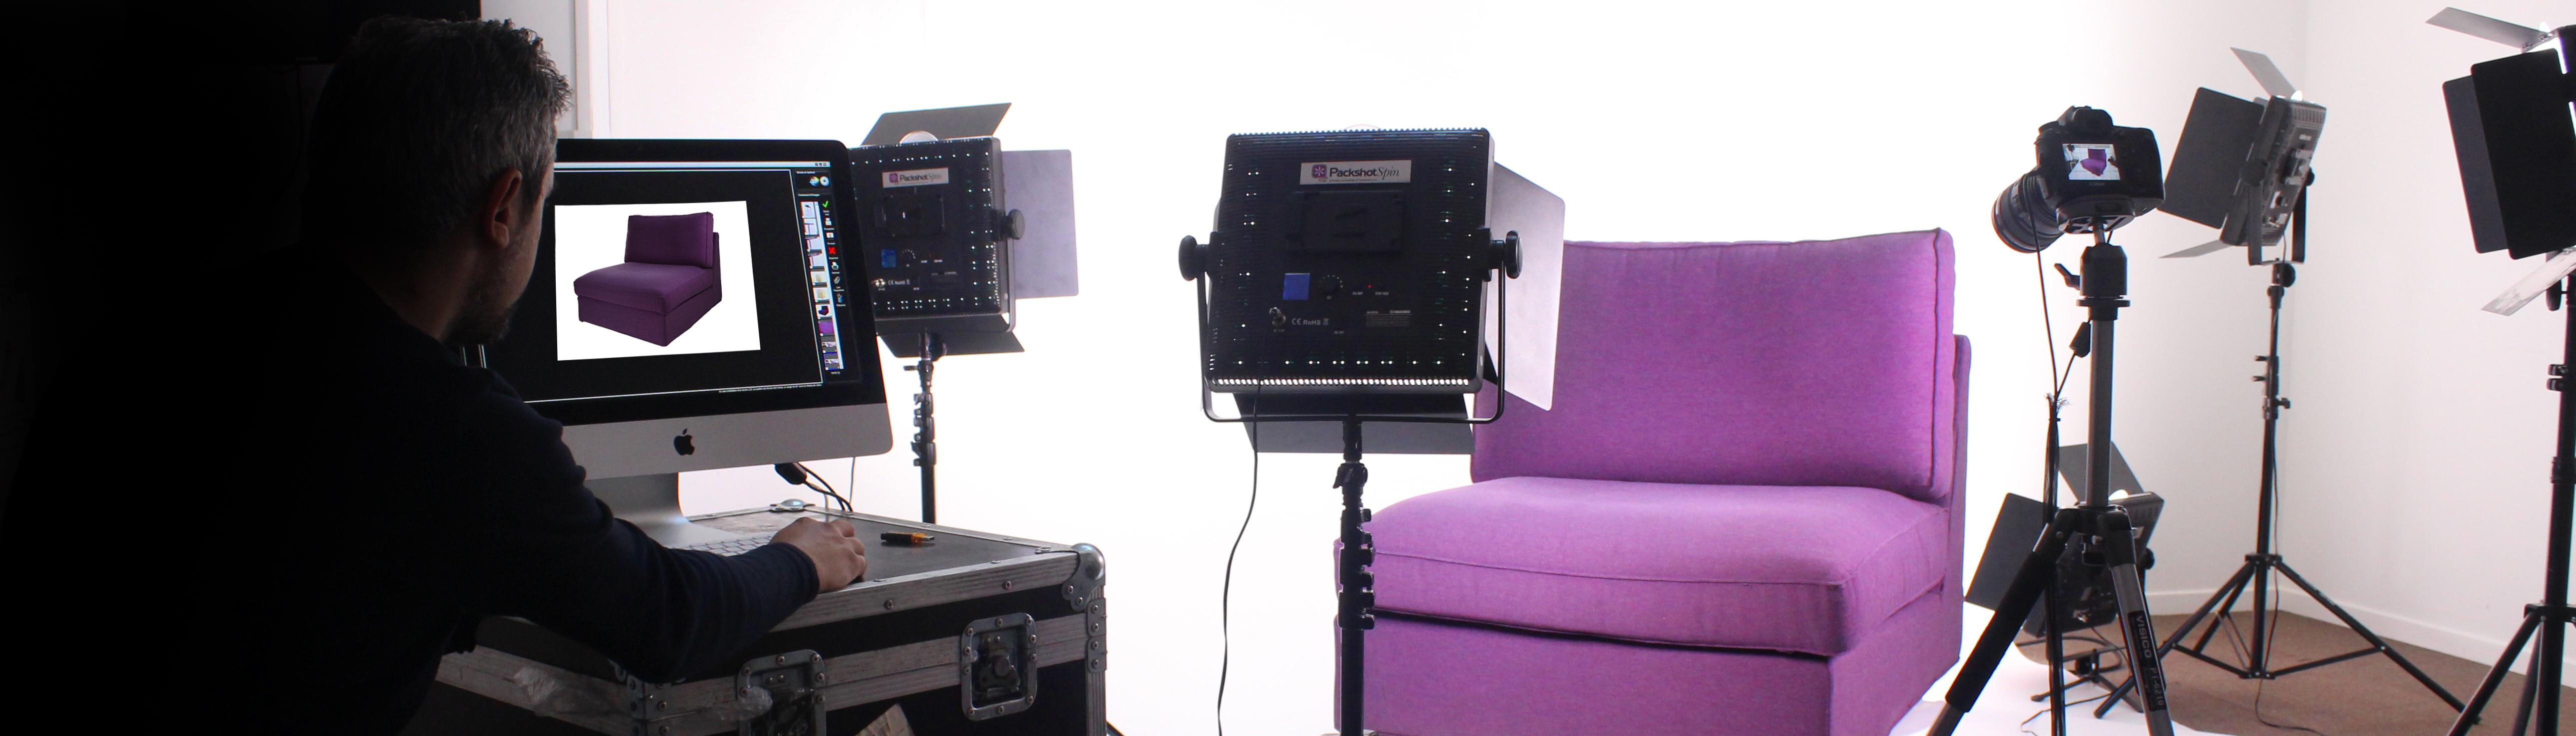 Produktbilder Möbel und Accessoires PackshotCreator